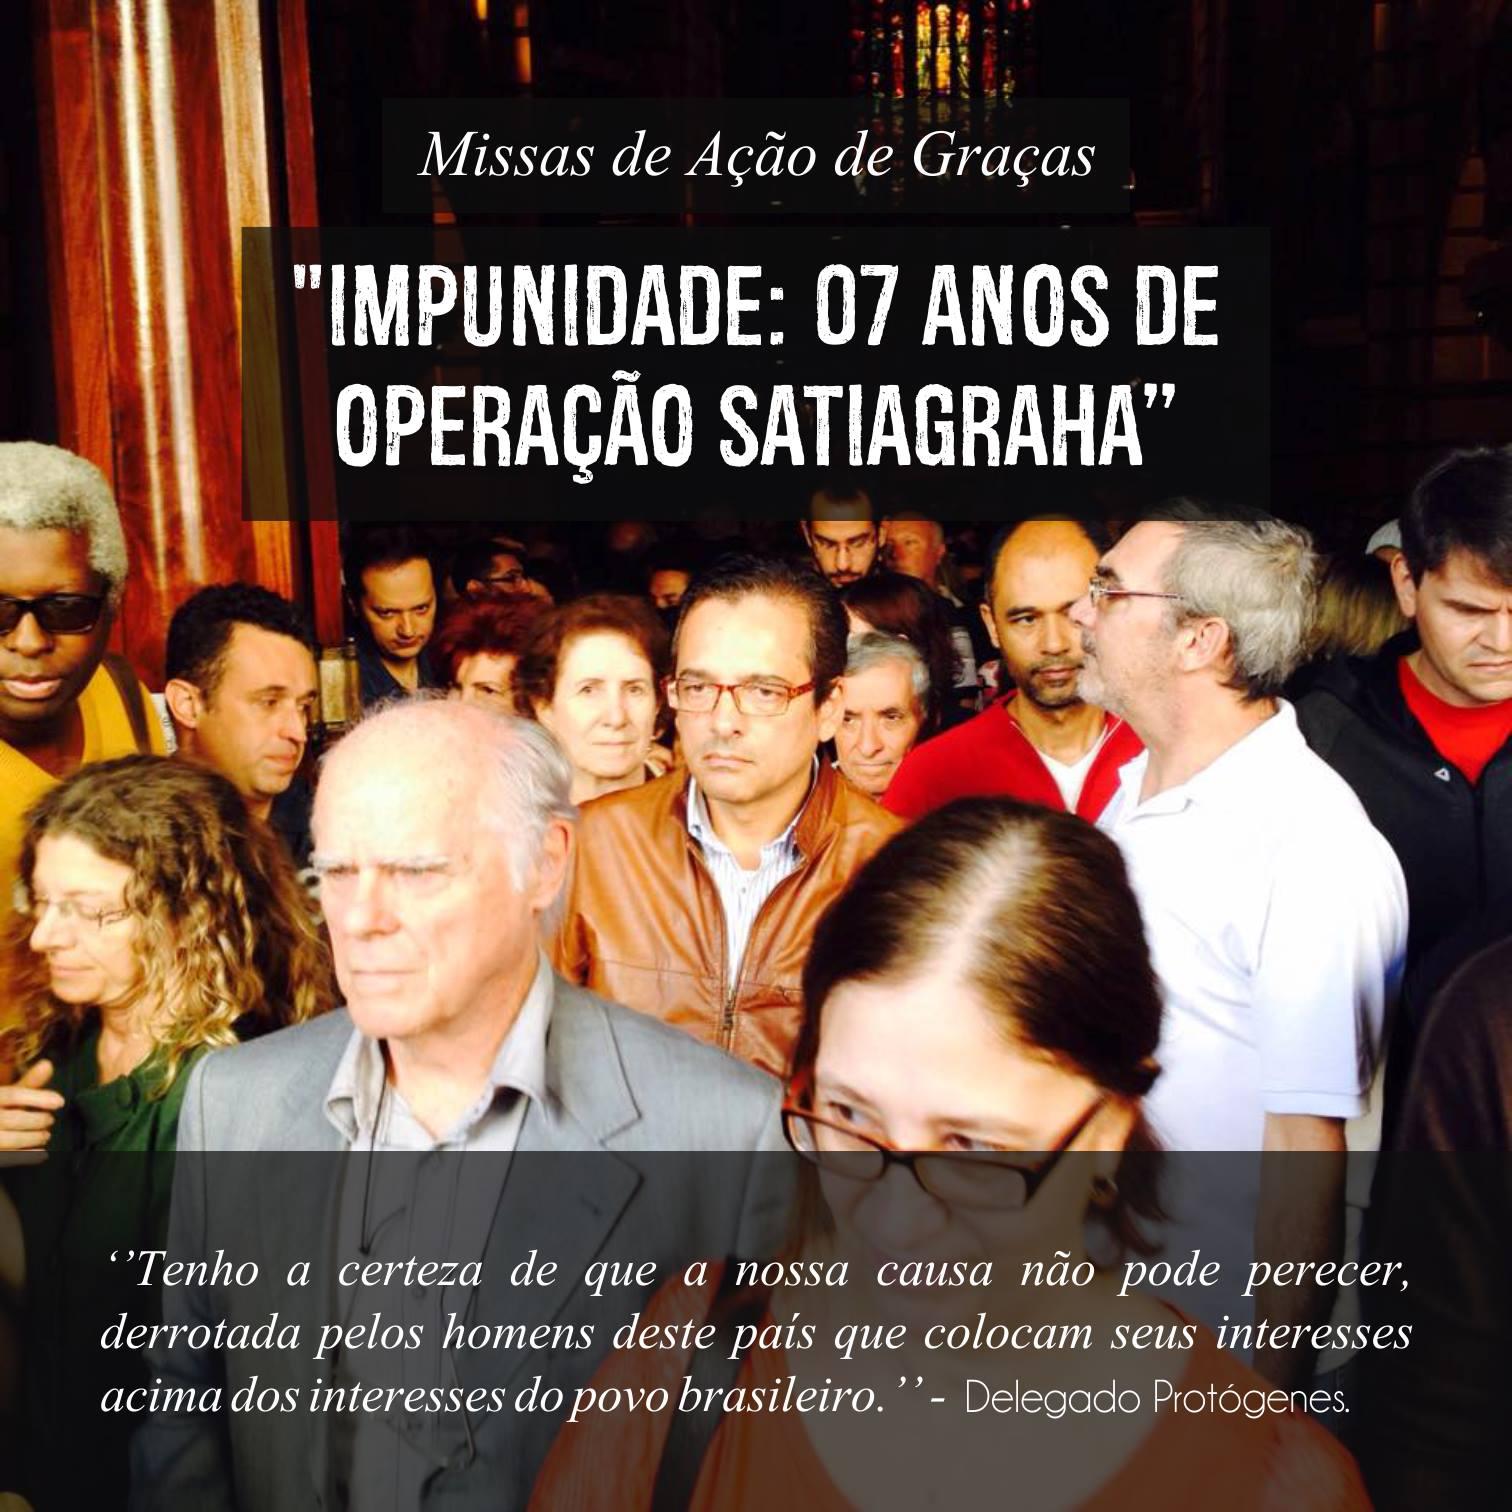 12/07/15 - Missa de ação de graças:  07 ANOS DE IMPUNIDADE DA OPERAÇÃO SATIAGRAHA - Mosteiro São Bento.